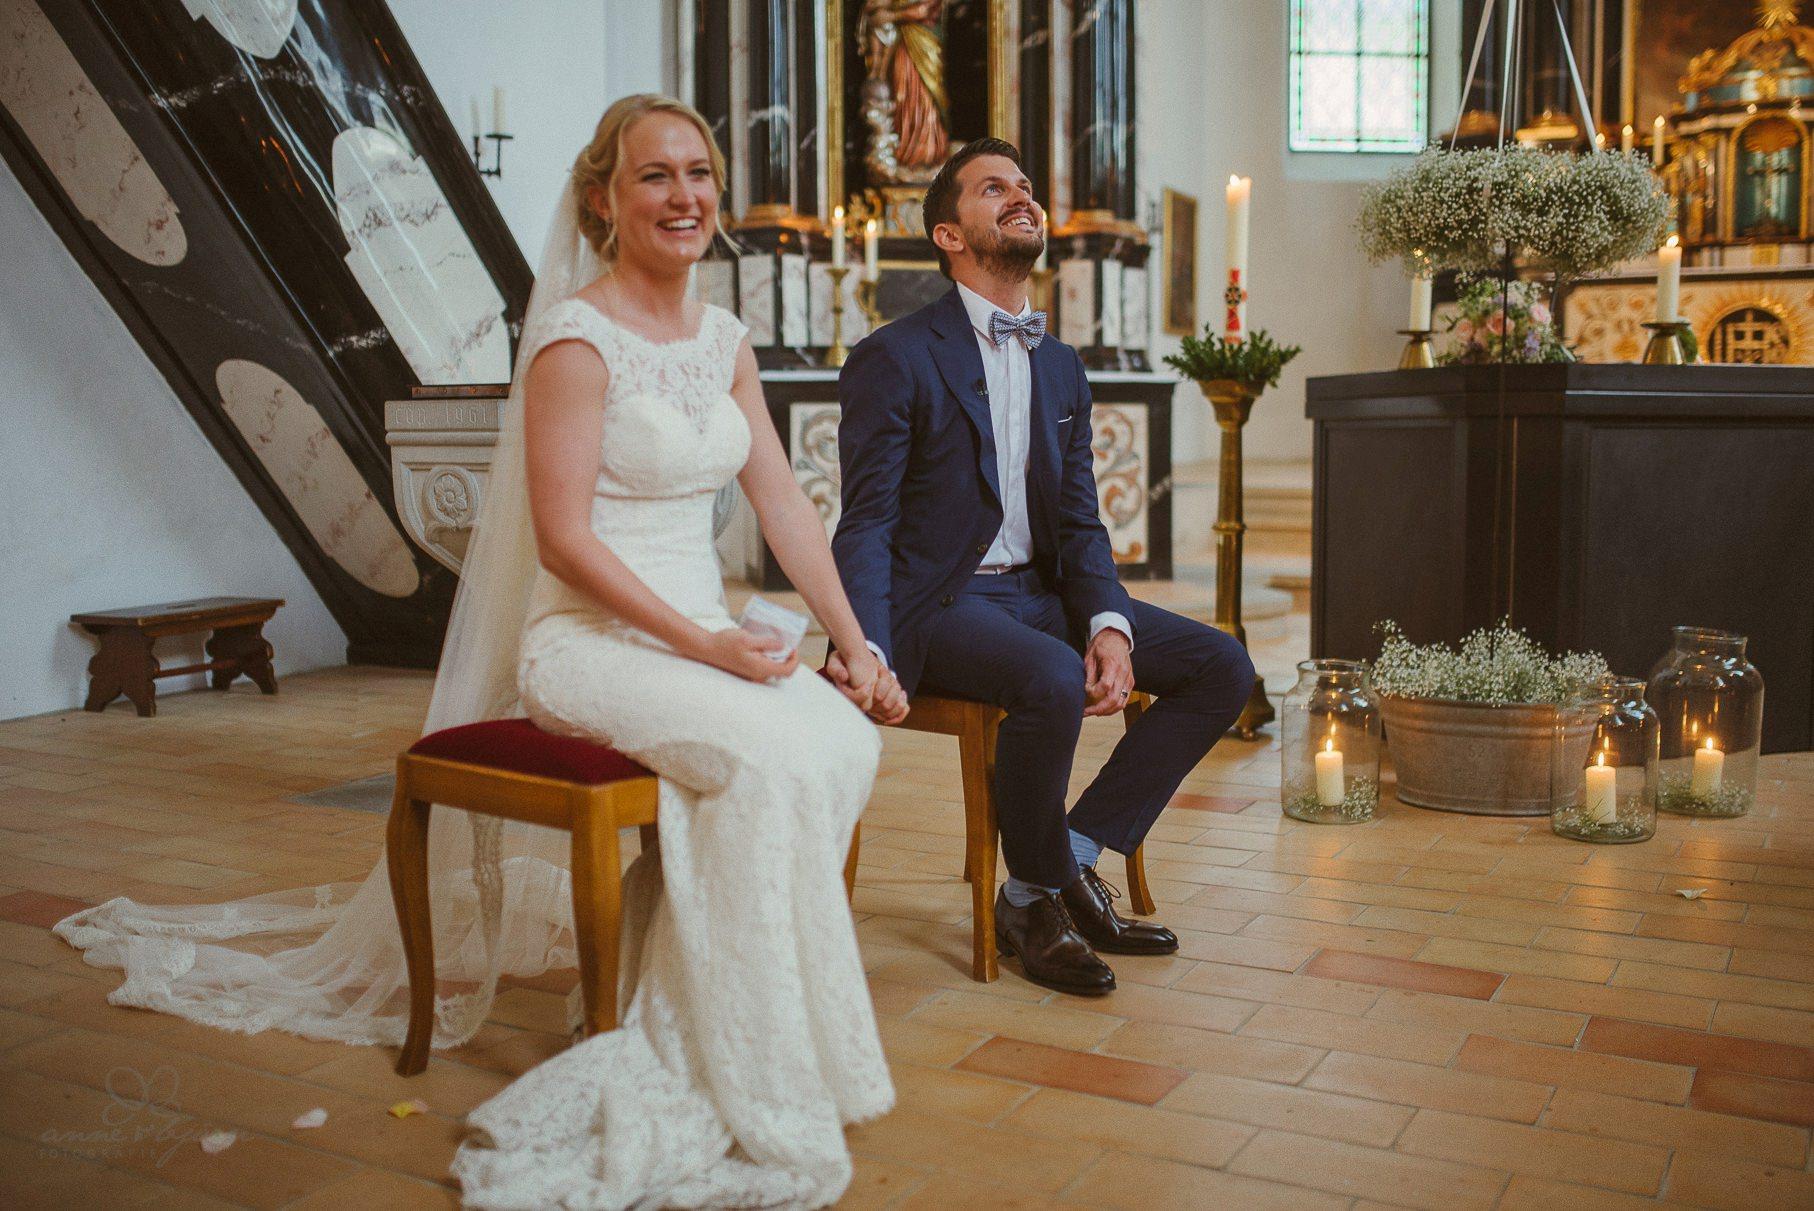 0051 anne und bjoern hochzeit schweiz d75 0118 - DIY Hochzeit in der Schweiz - Sabrina & Christoph